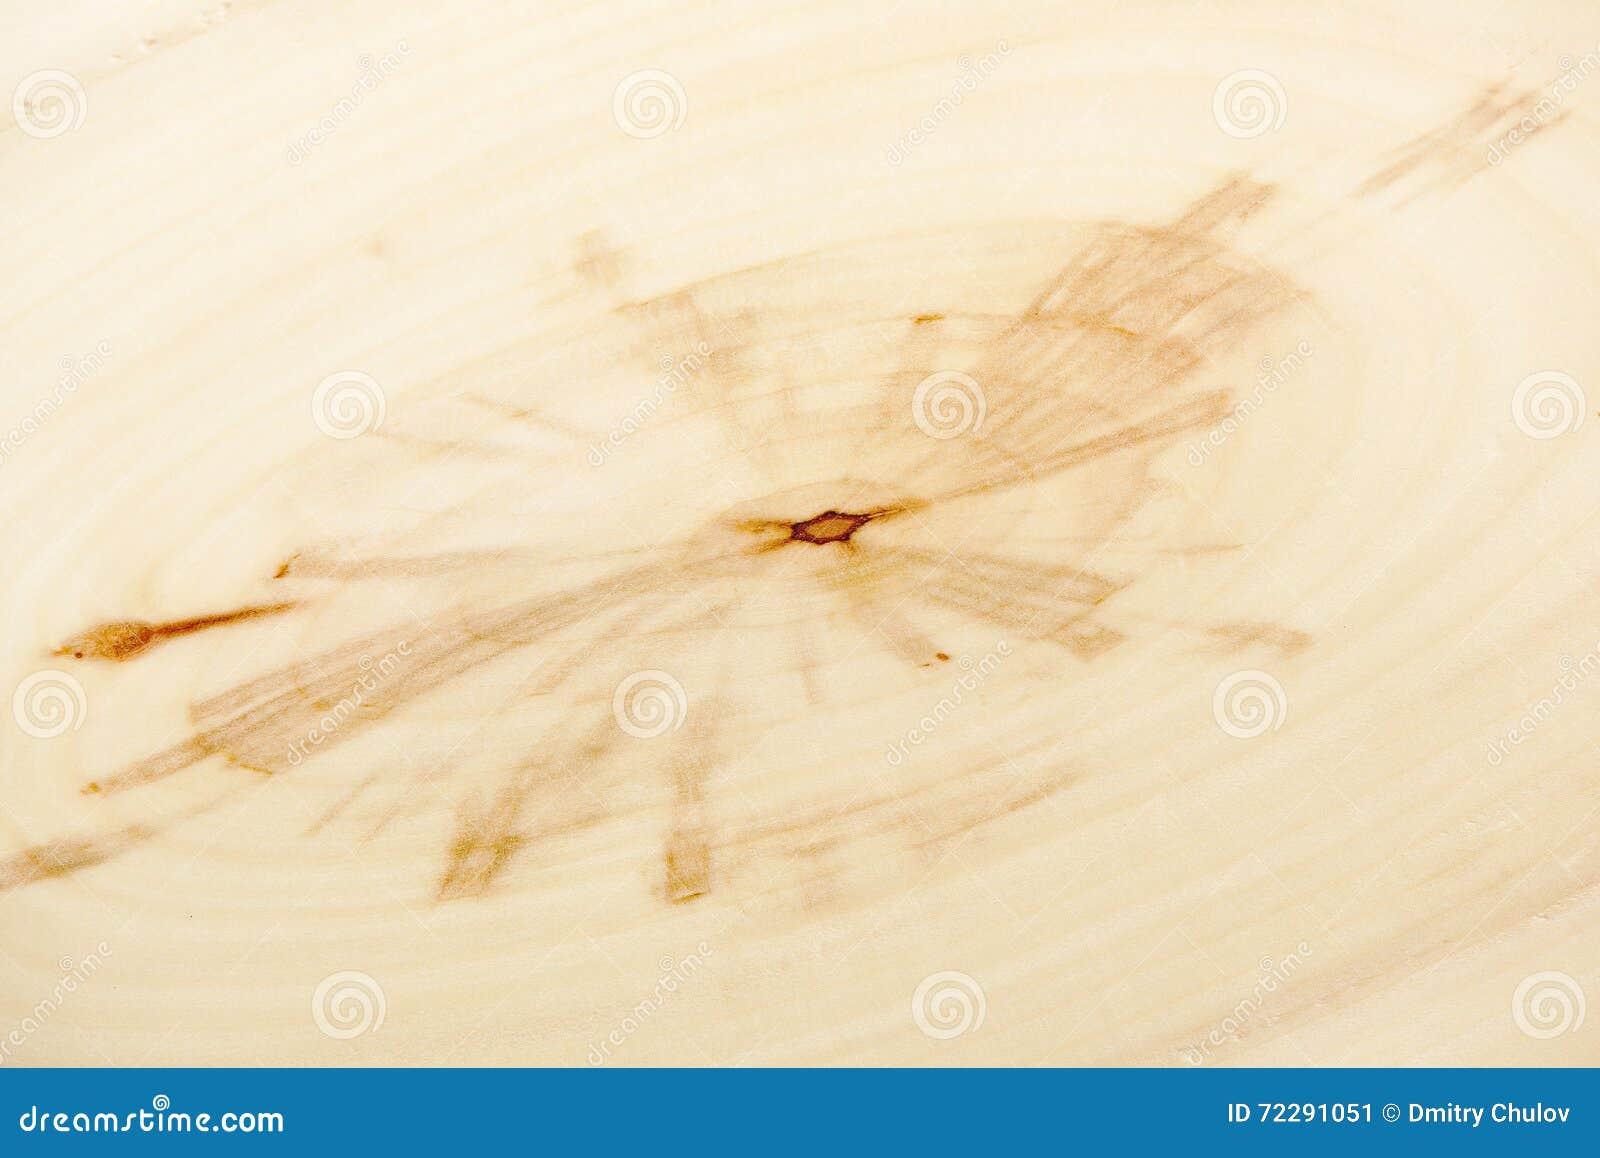 Download Предпосылка крупного плана года звенит текстура уникально дерева золы Relict (sogdiana Fraxinus) Стоковое Изображение - изображение насчитывающей аскетического, индустрия: 72291051